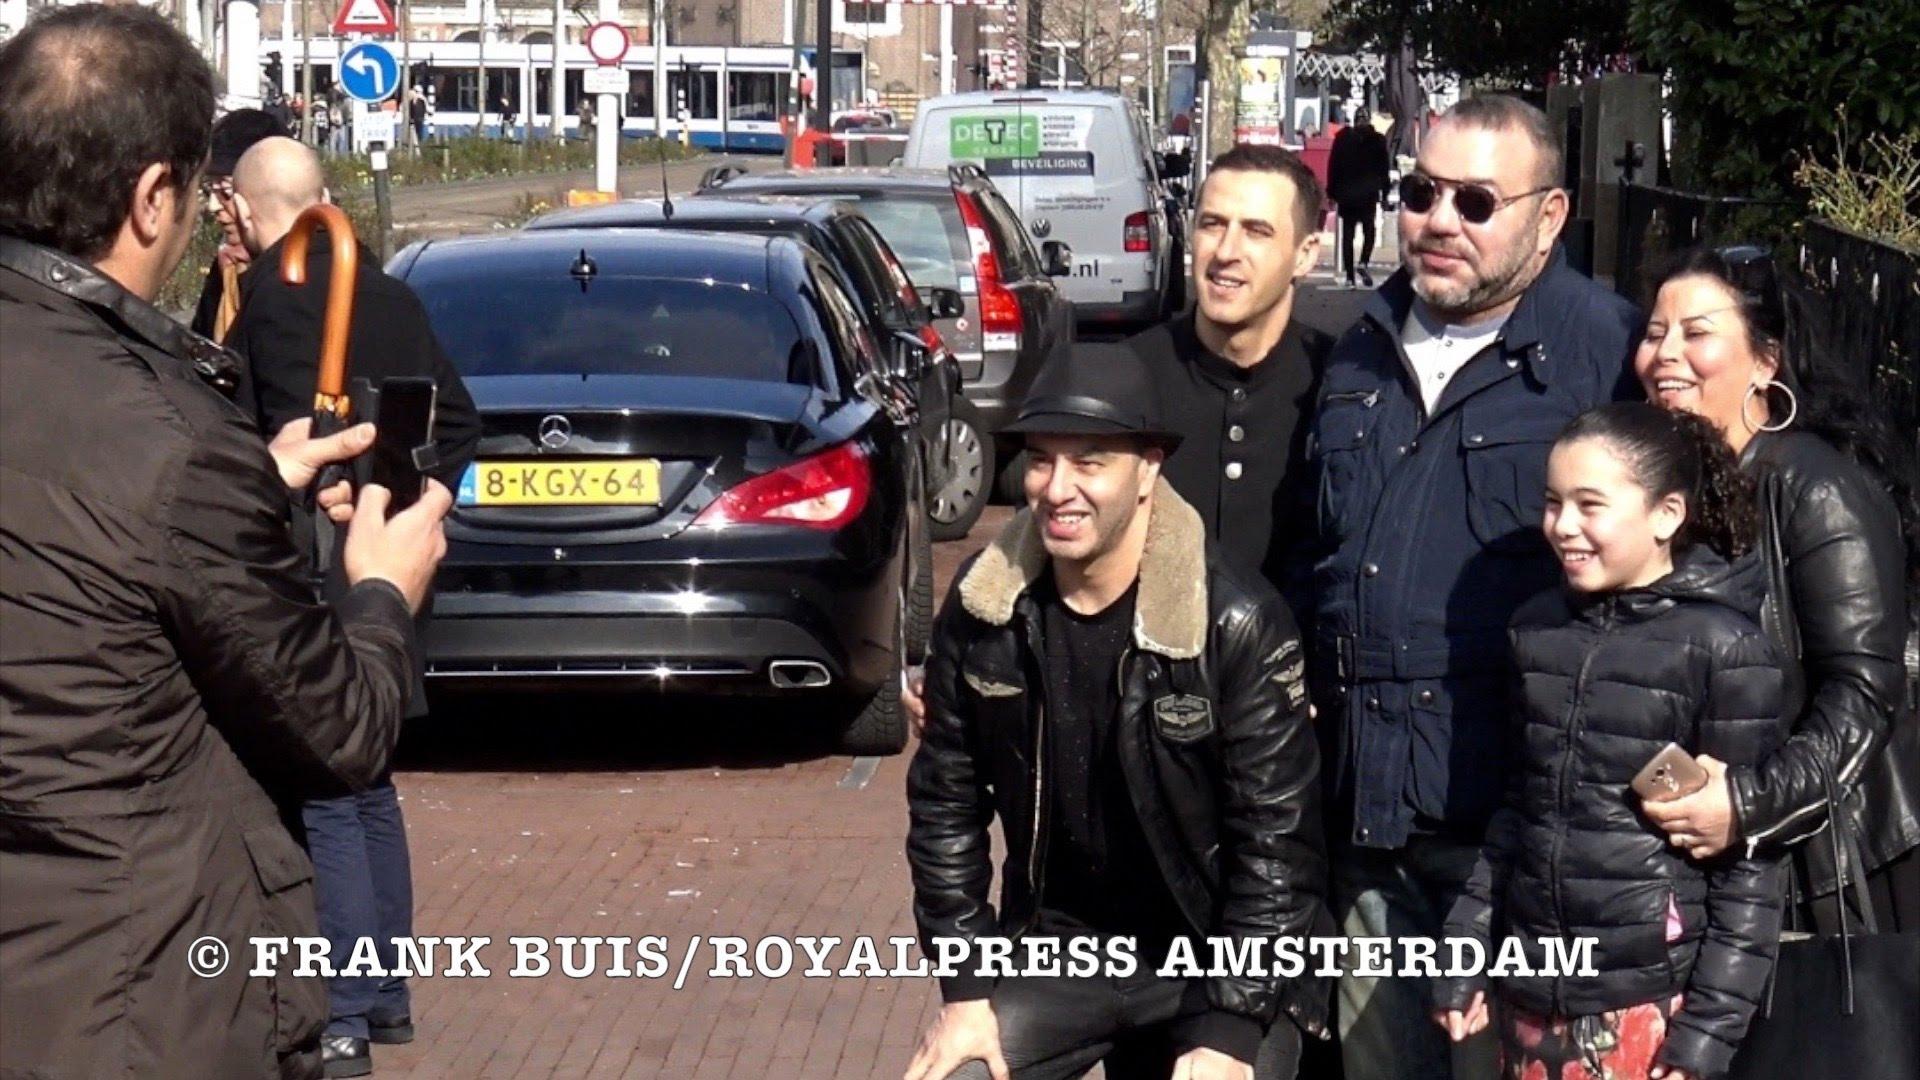 صور وفيديوهات الملك يتجول بدون بروتكول بهولندا توجه الضربة القاضية لبوتفليقة المريض